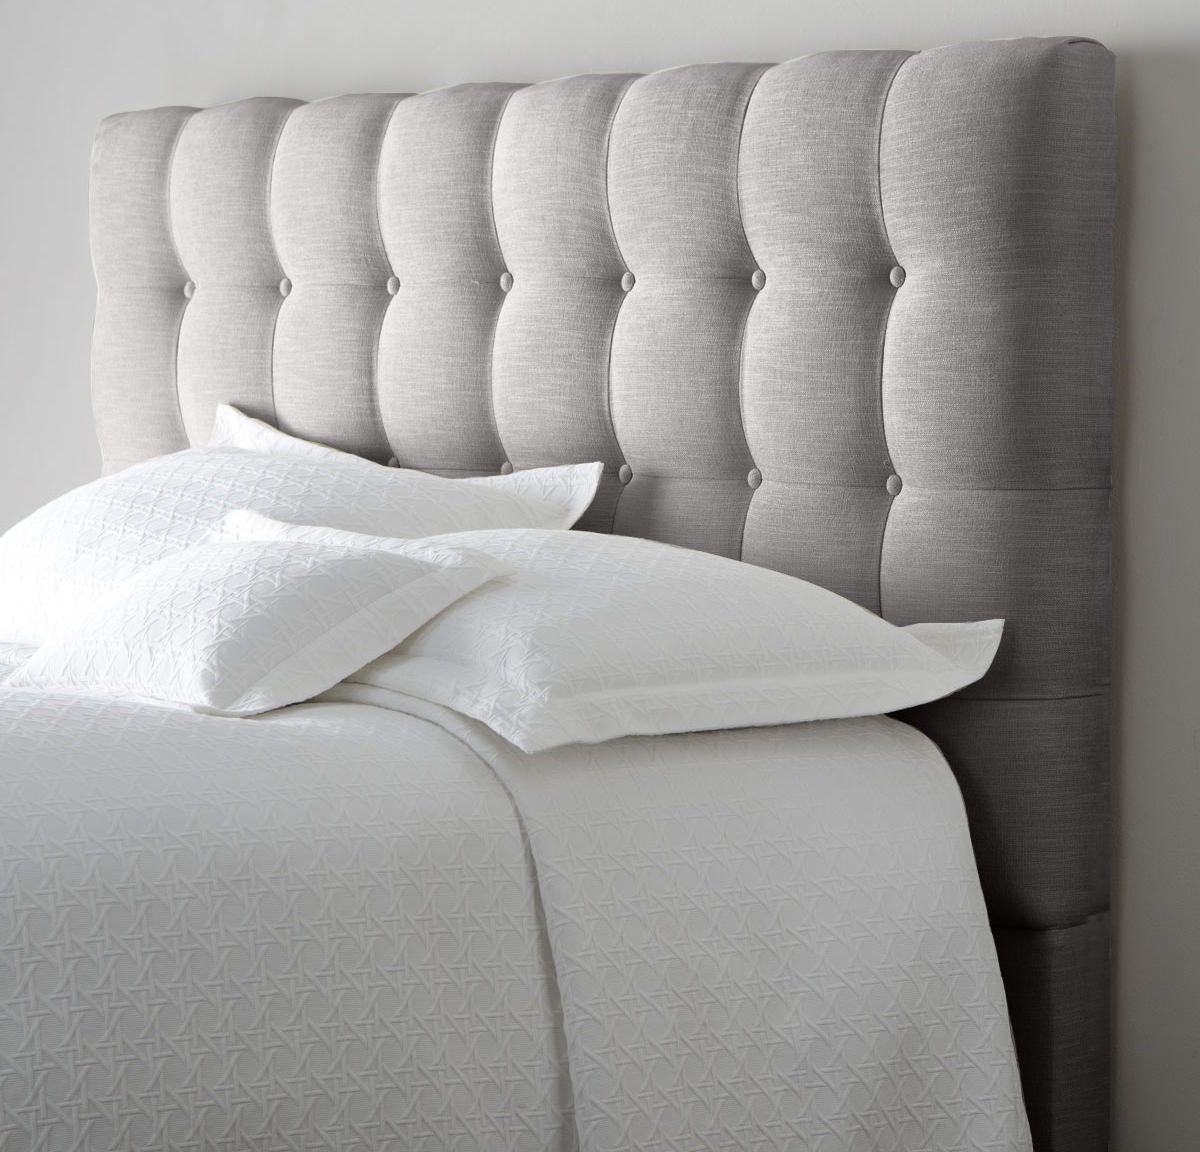 Топ-10 ошибок выбора кровати для двоих